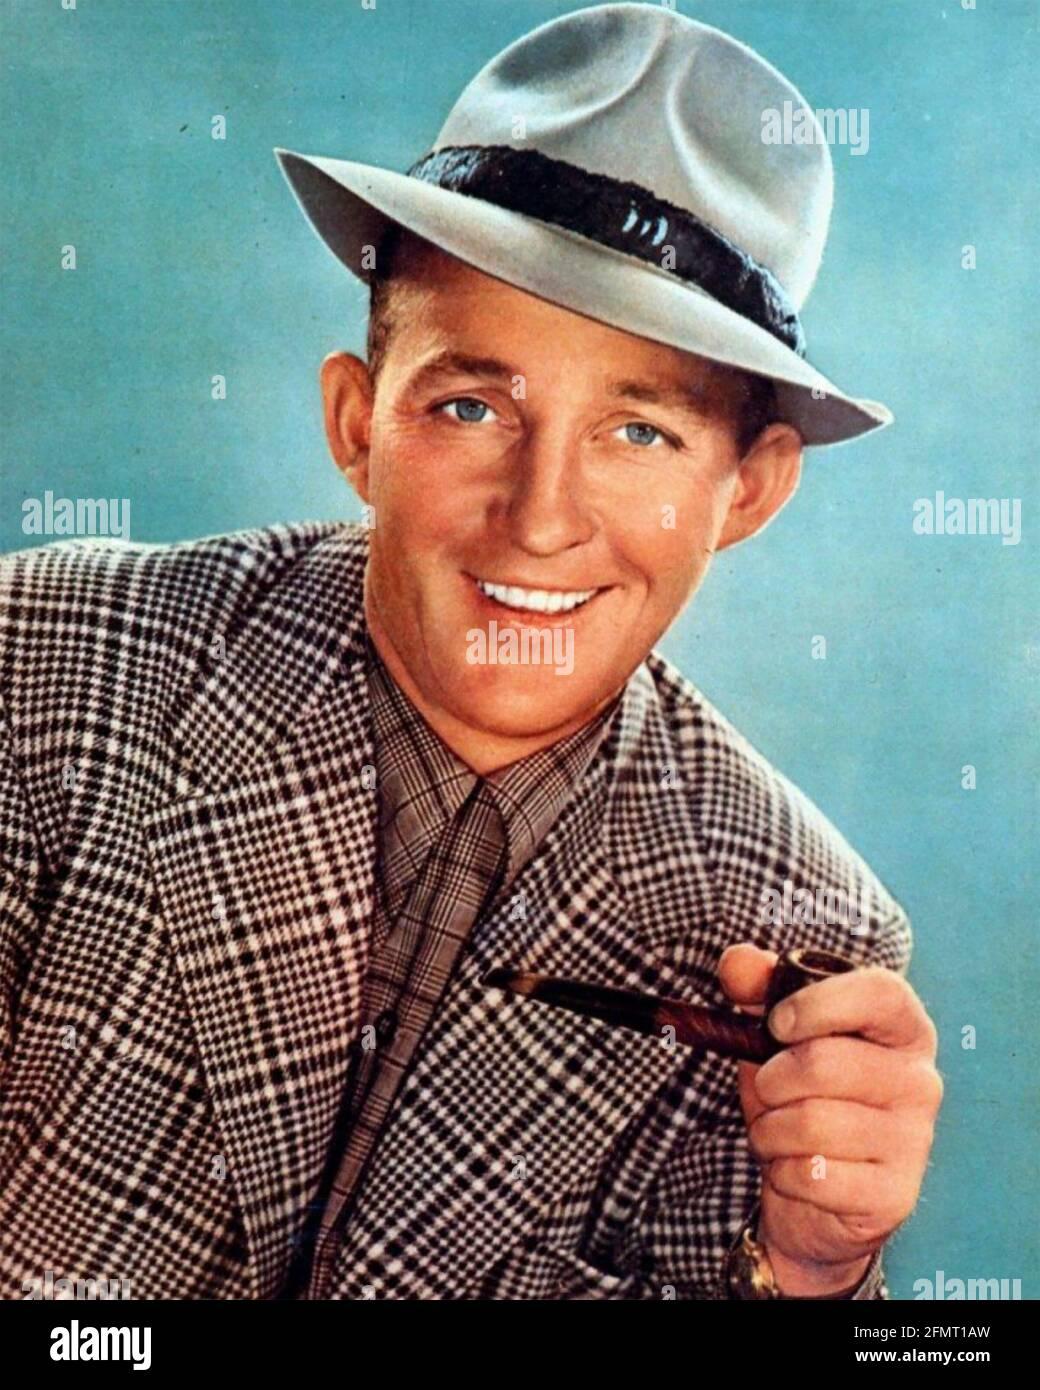 BING CROSBY (1903-1977) américain, chanteur et acteur de cinéma vers 1942. Photo: StarPix Banque D'Images